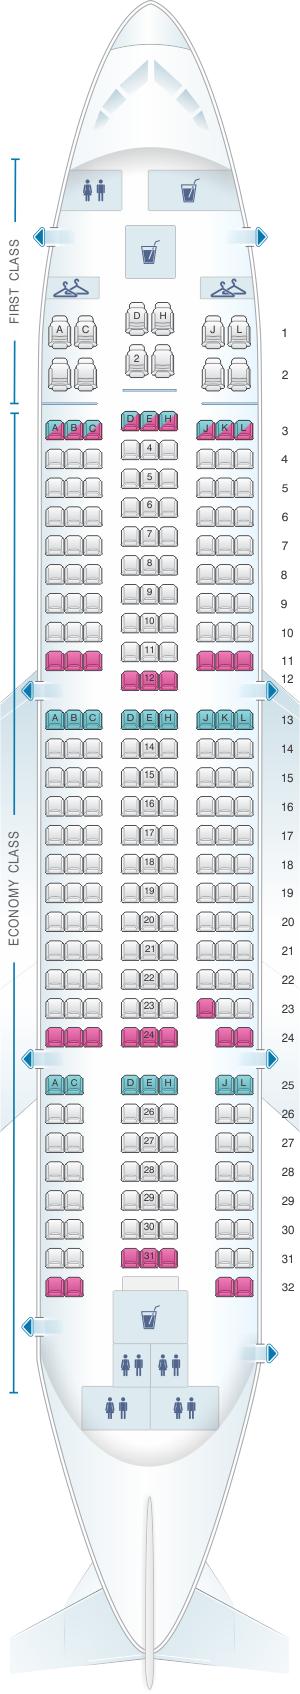 Seat map for Yemenia - Yemen Airways Airbus A310 324 256pax